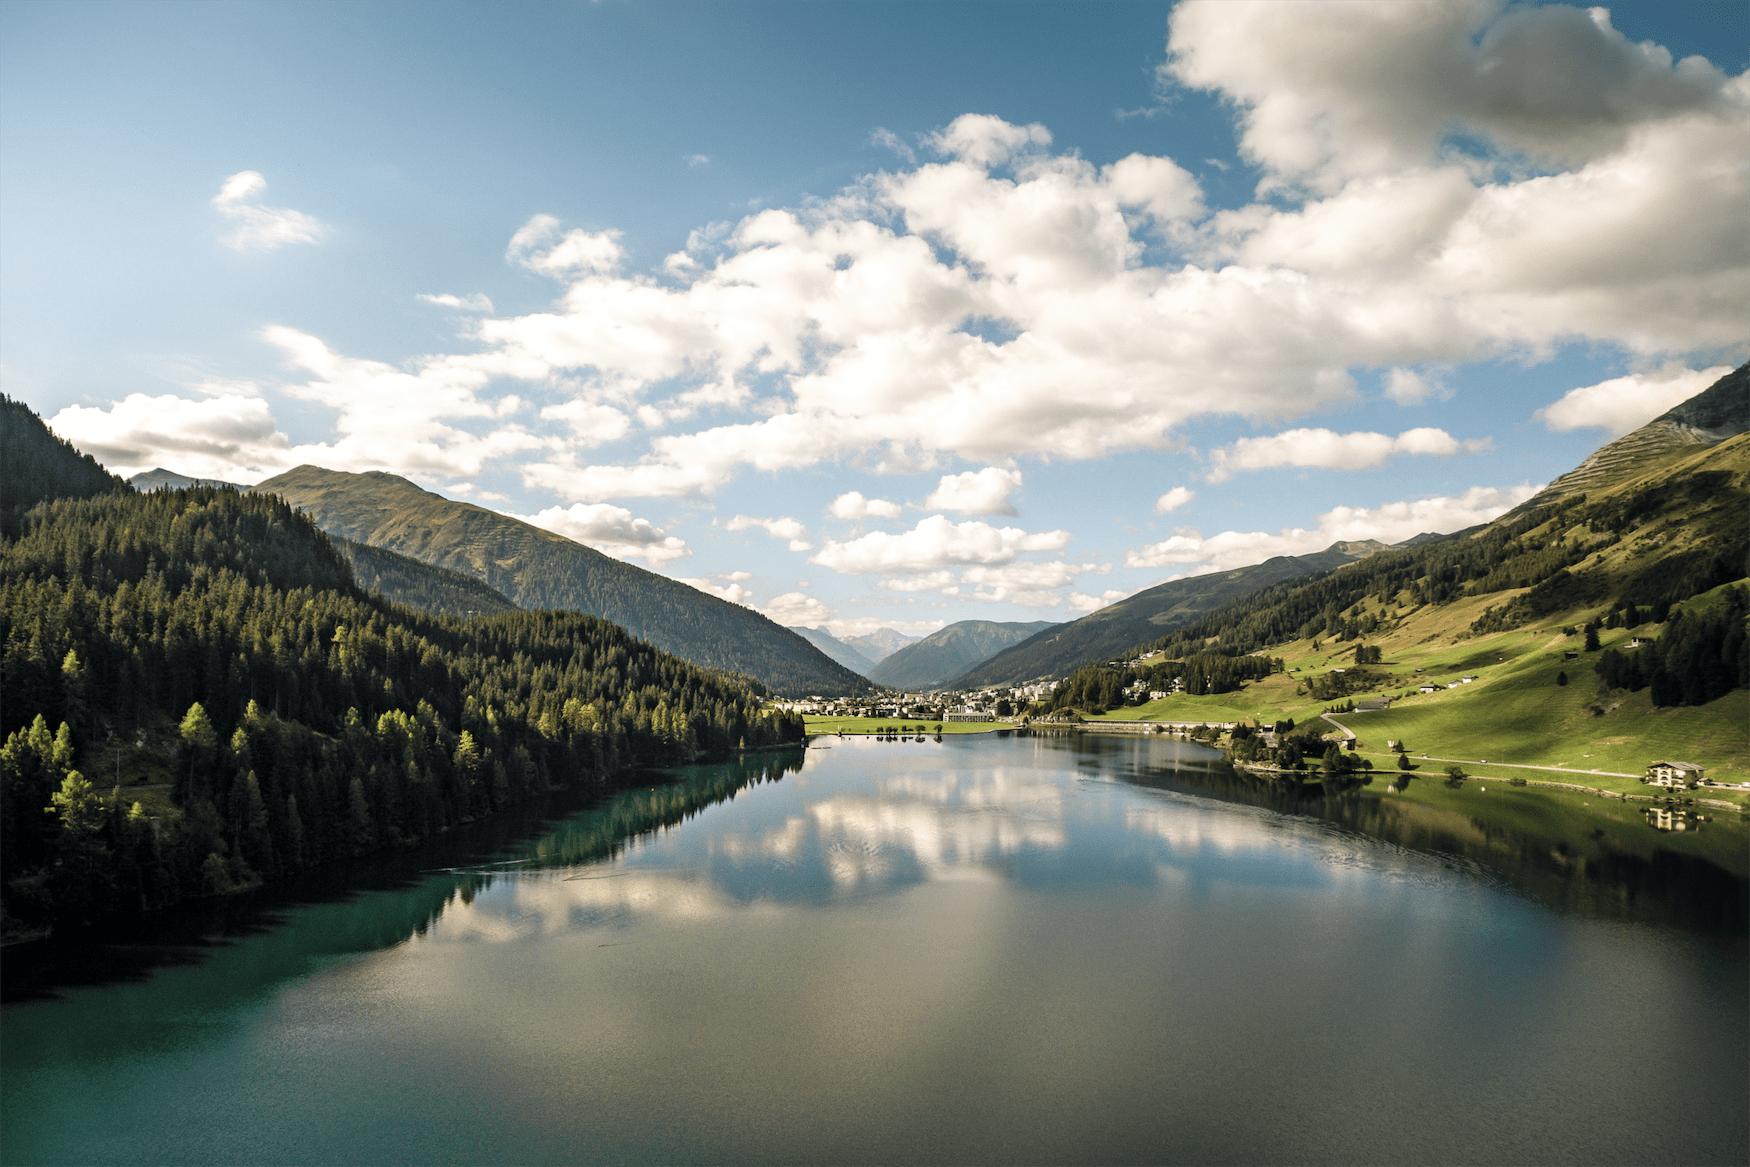 Beruhigender Blick auf den Davoser See, einen der schönsten Seen in Graubünden